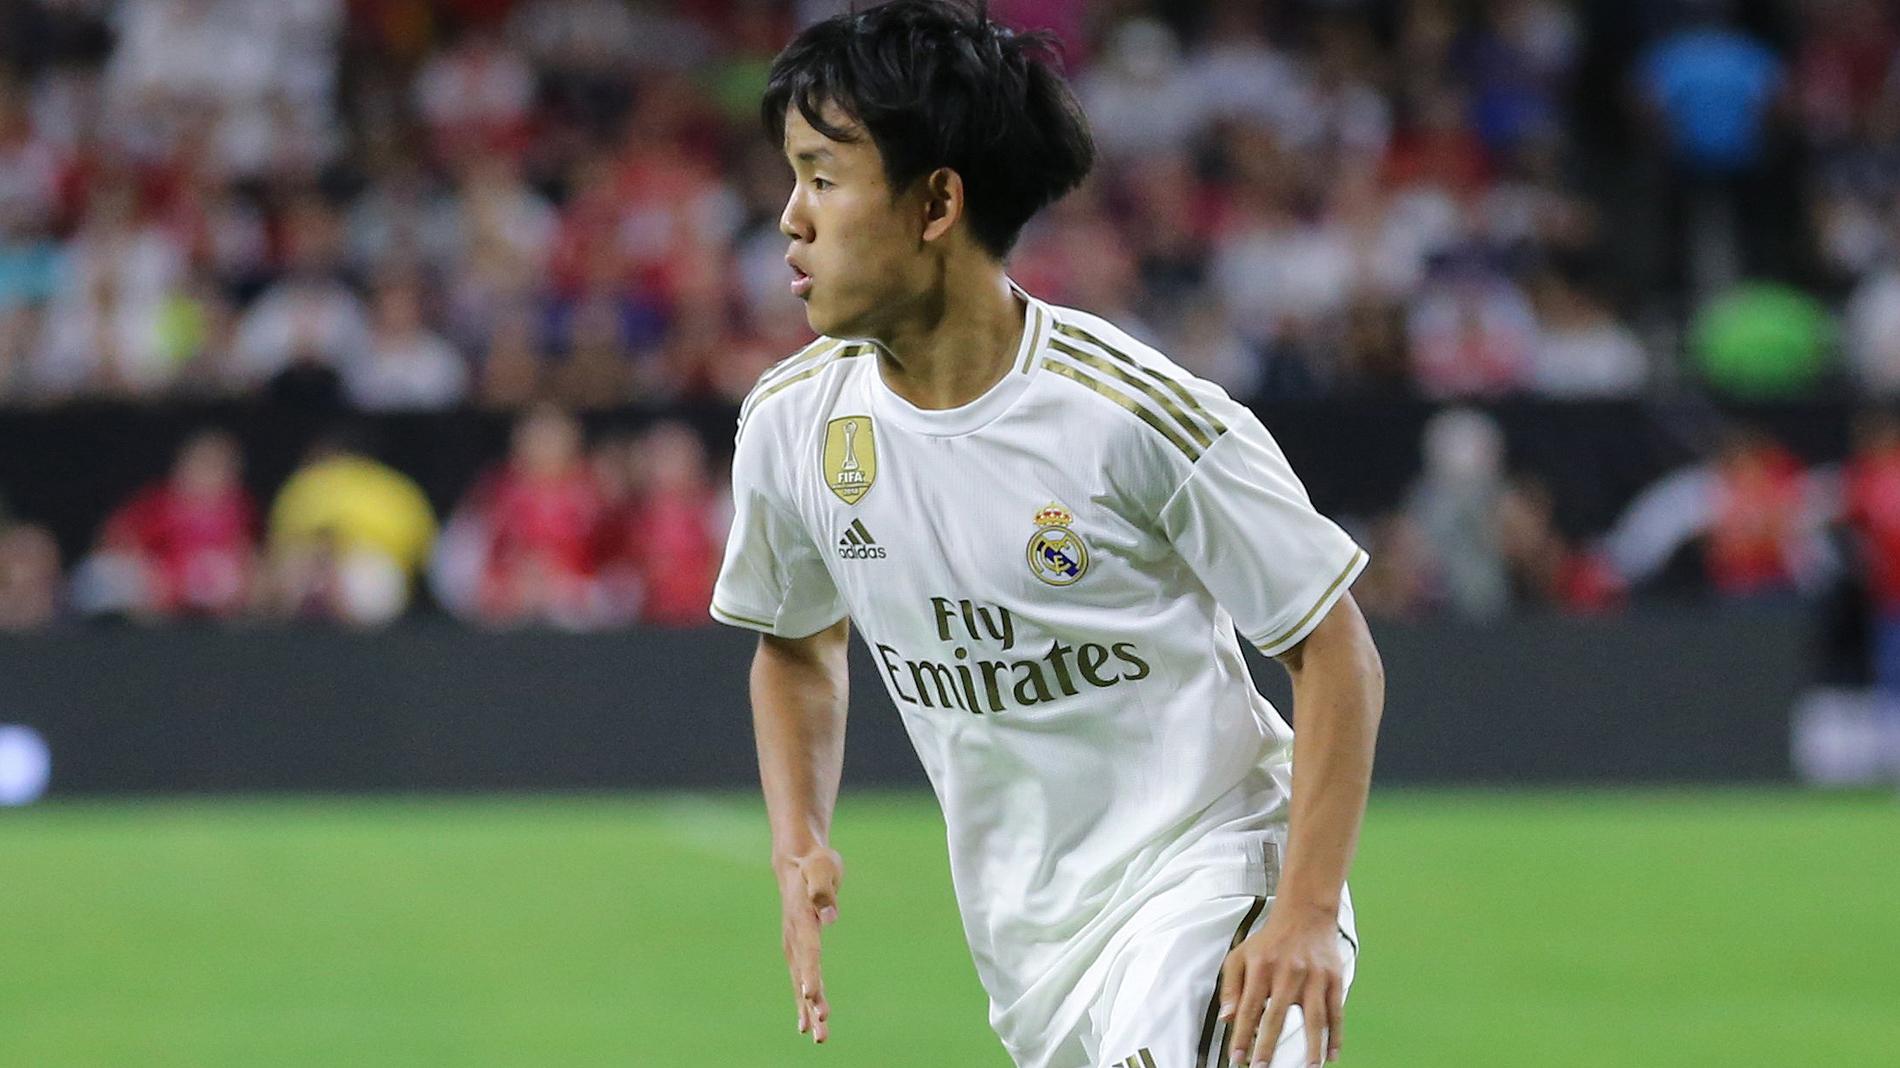 Imagen destacada del Kubo jugará cedido en el Mallorca